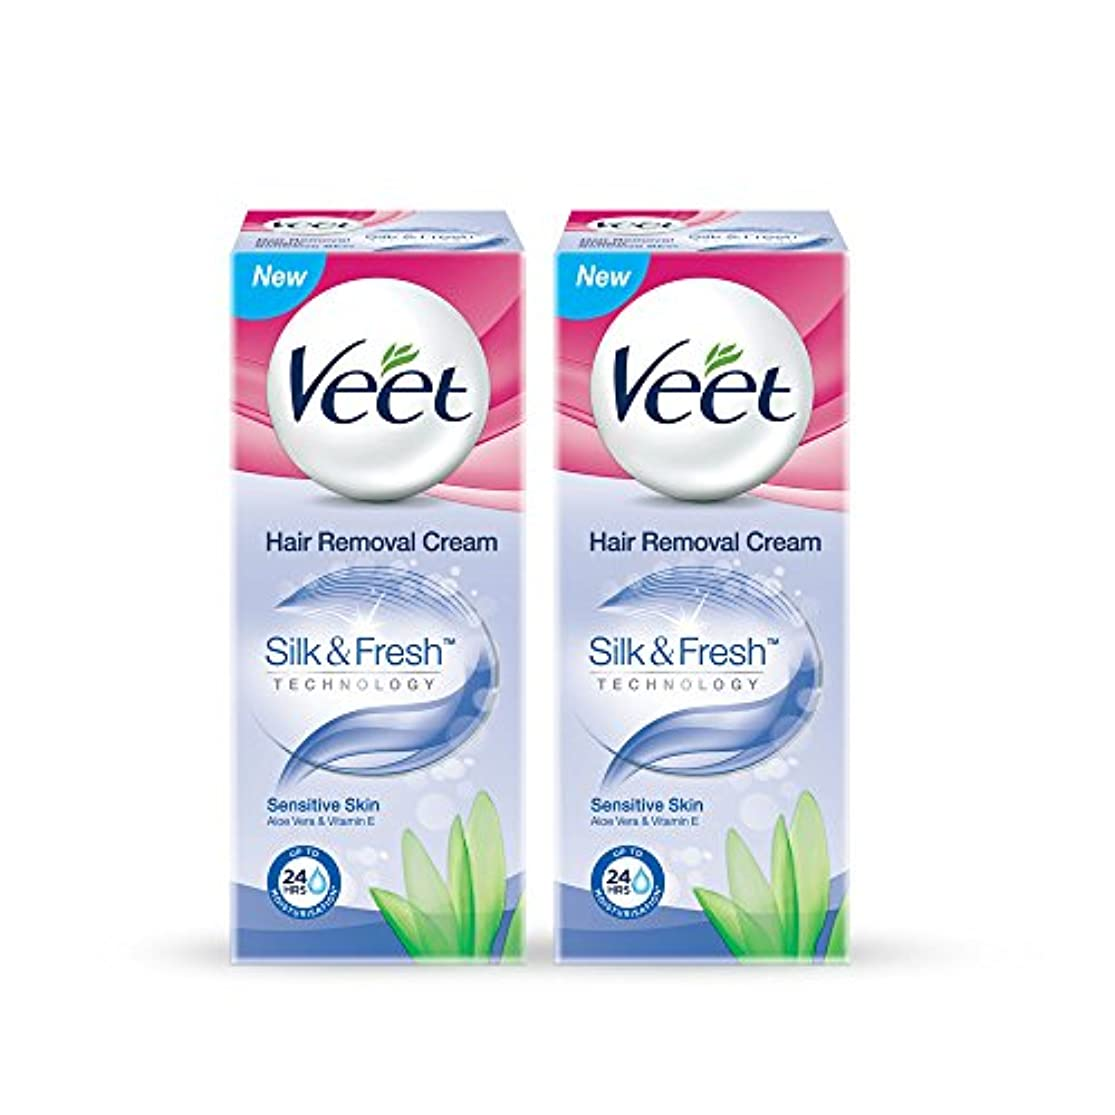 サーマルエレガントきしむVeet Hair Removal Gel Cream For Sensitive Skin With Aloe Vera and Vitamin E 25 g (Pack of 2)